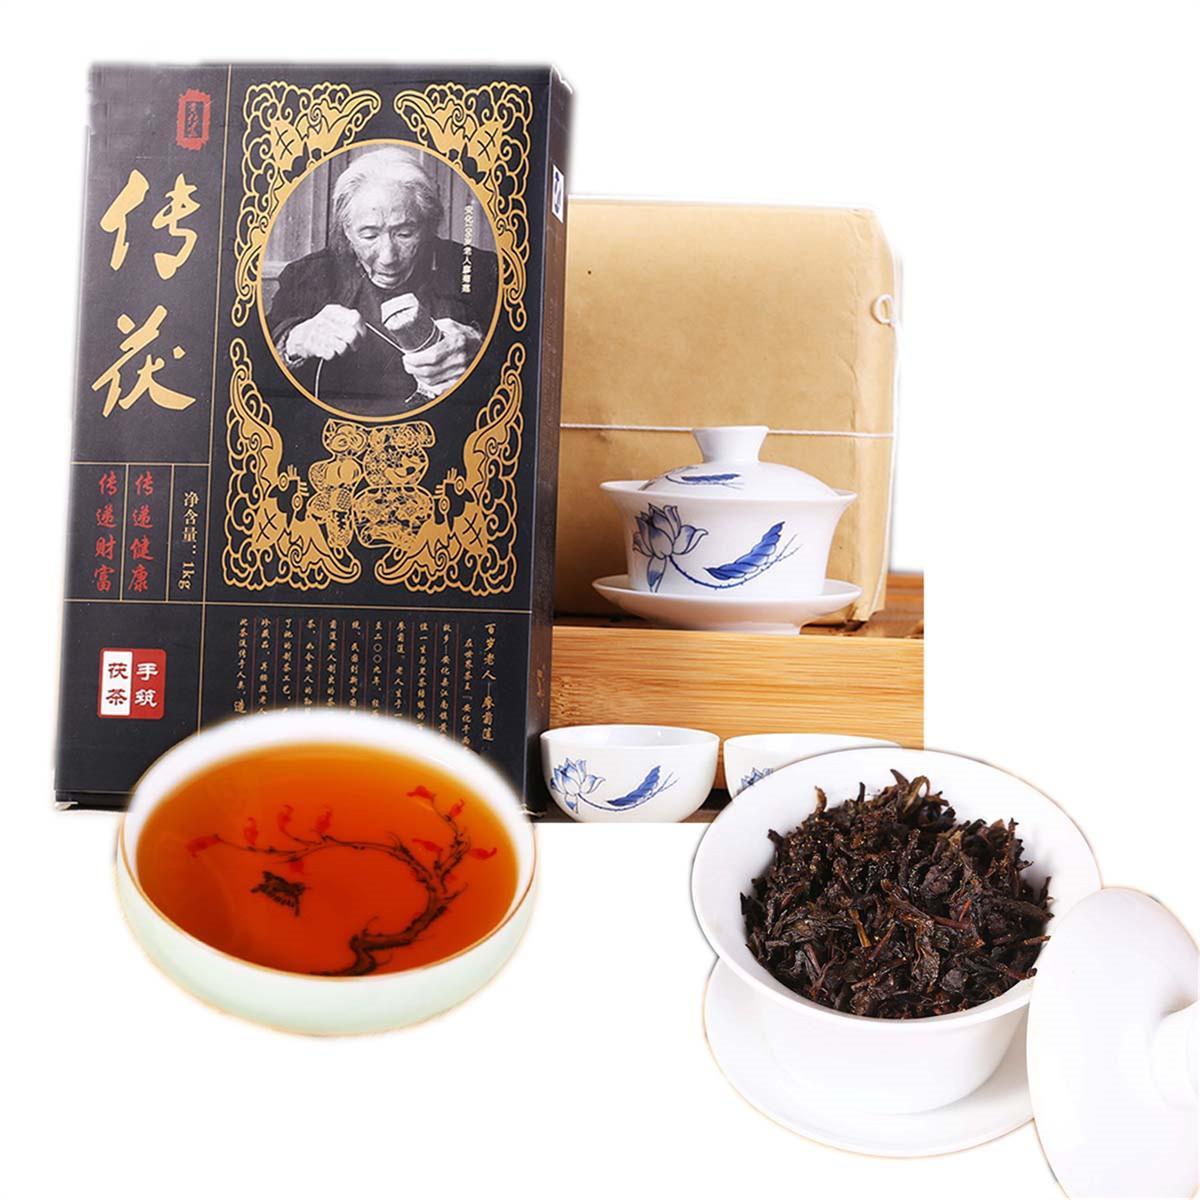 Pu Er préféré de thé brique Hunan Anhua thé noir construit à la main Ripe thé chinois brique sain vert alimentaire